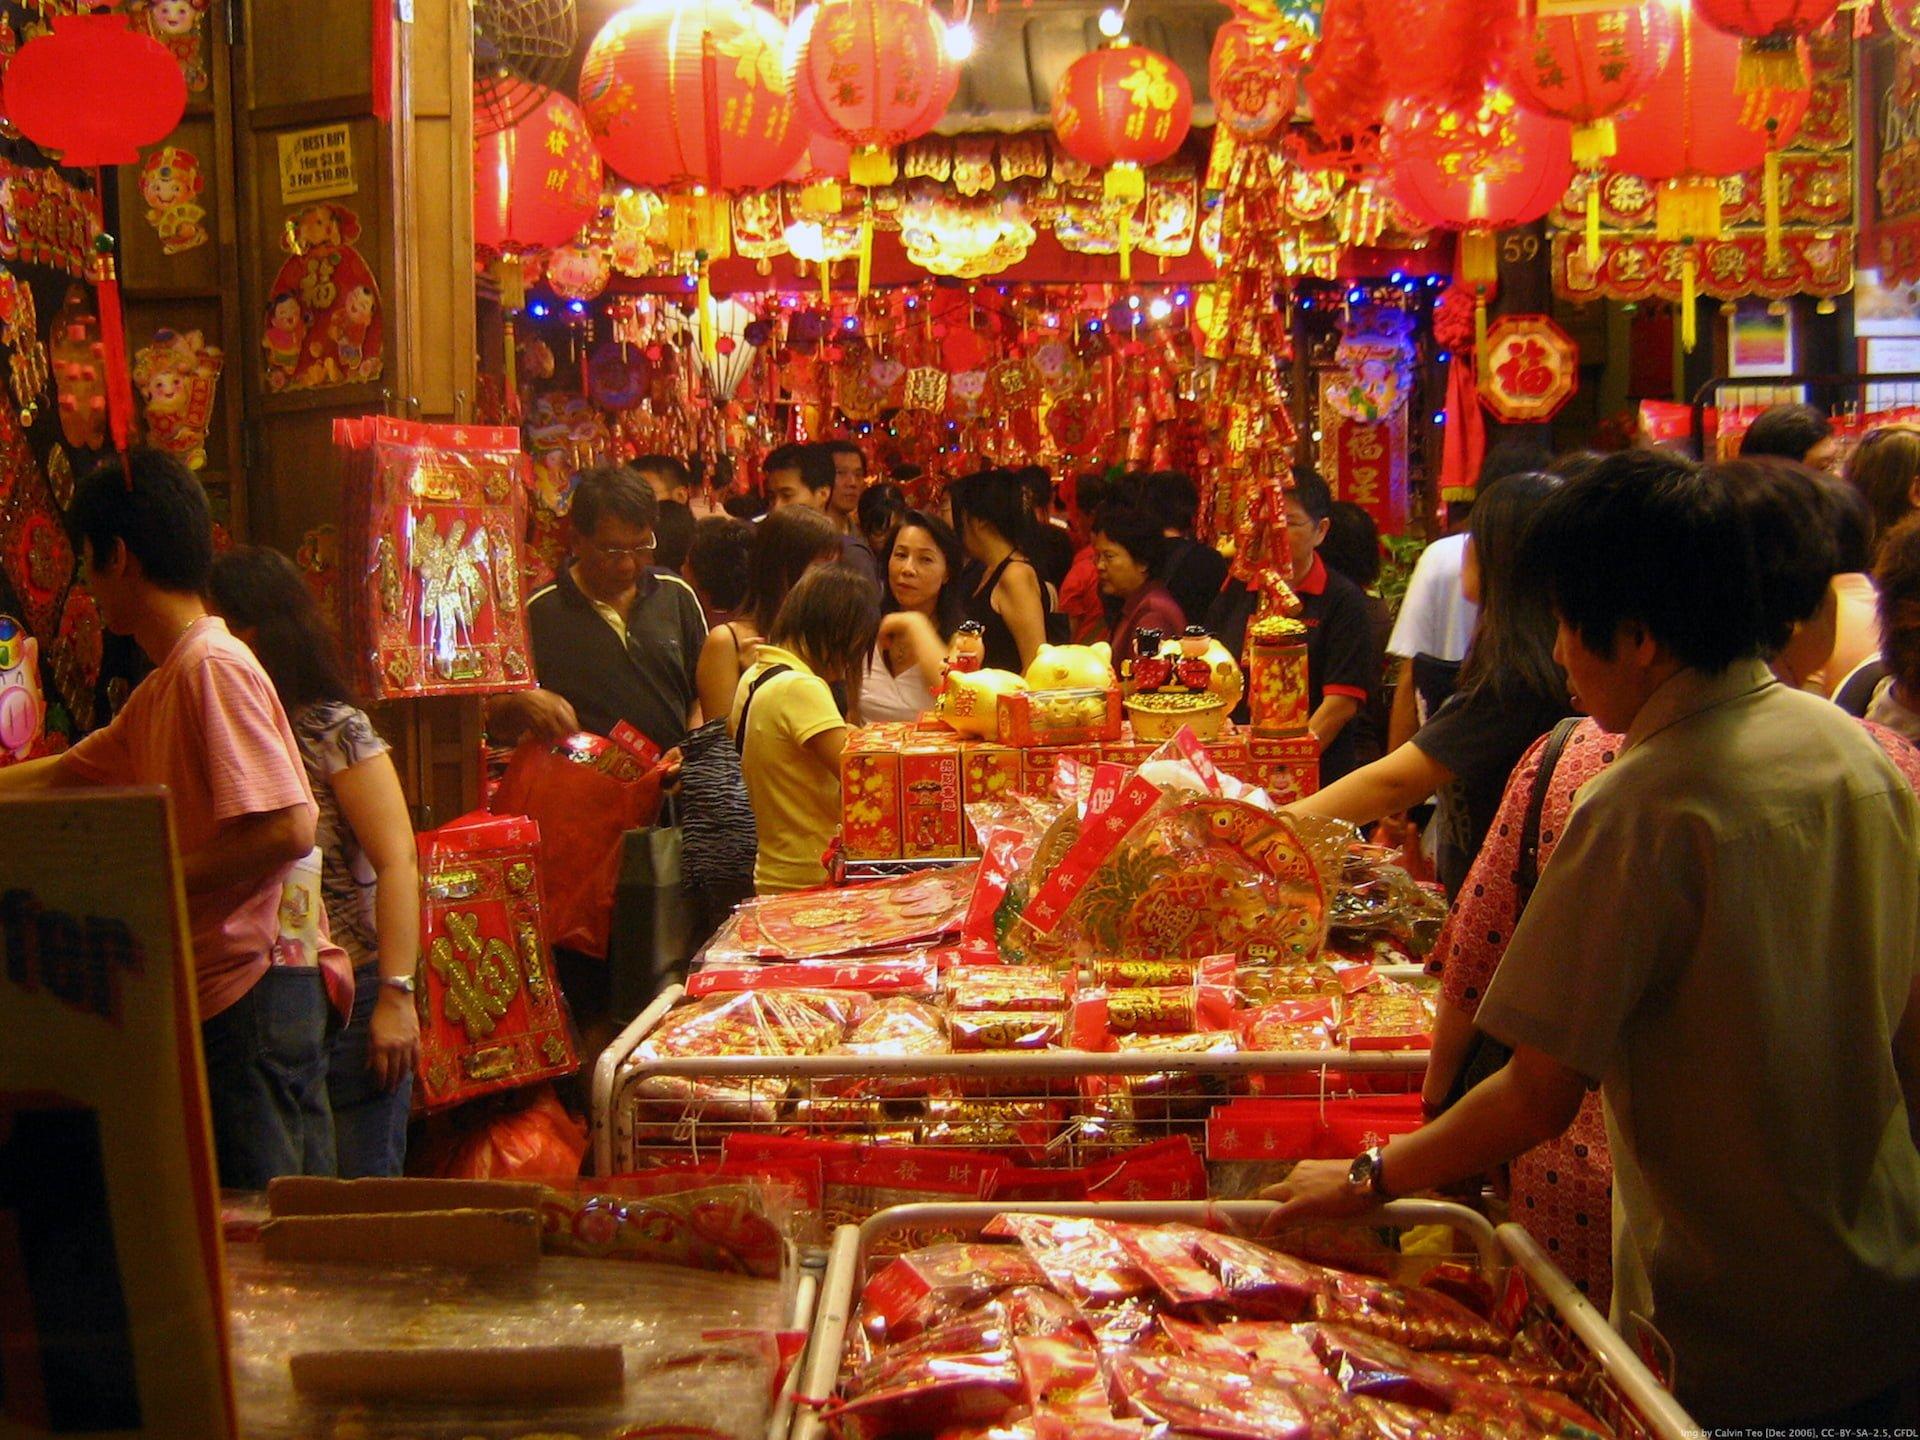 民國107年(2018)農曆新年是哪幾天放新春年假假期?